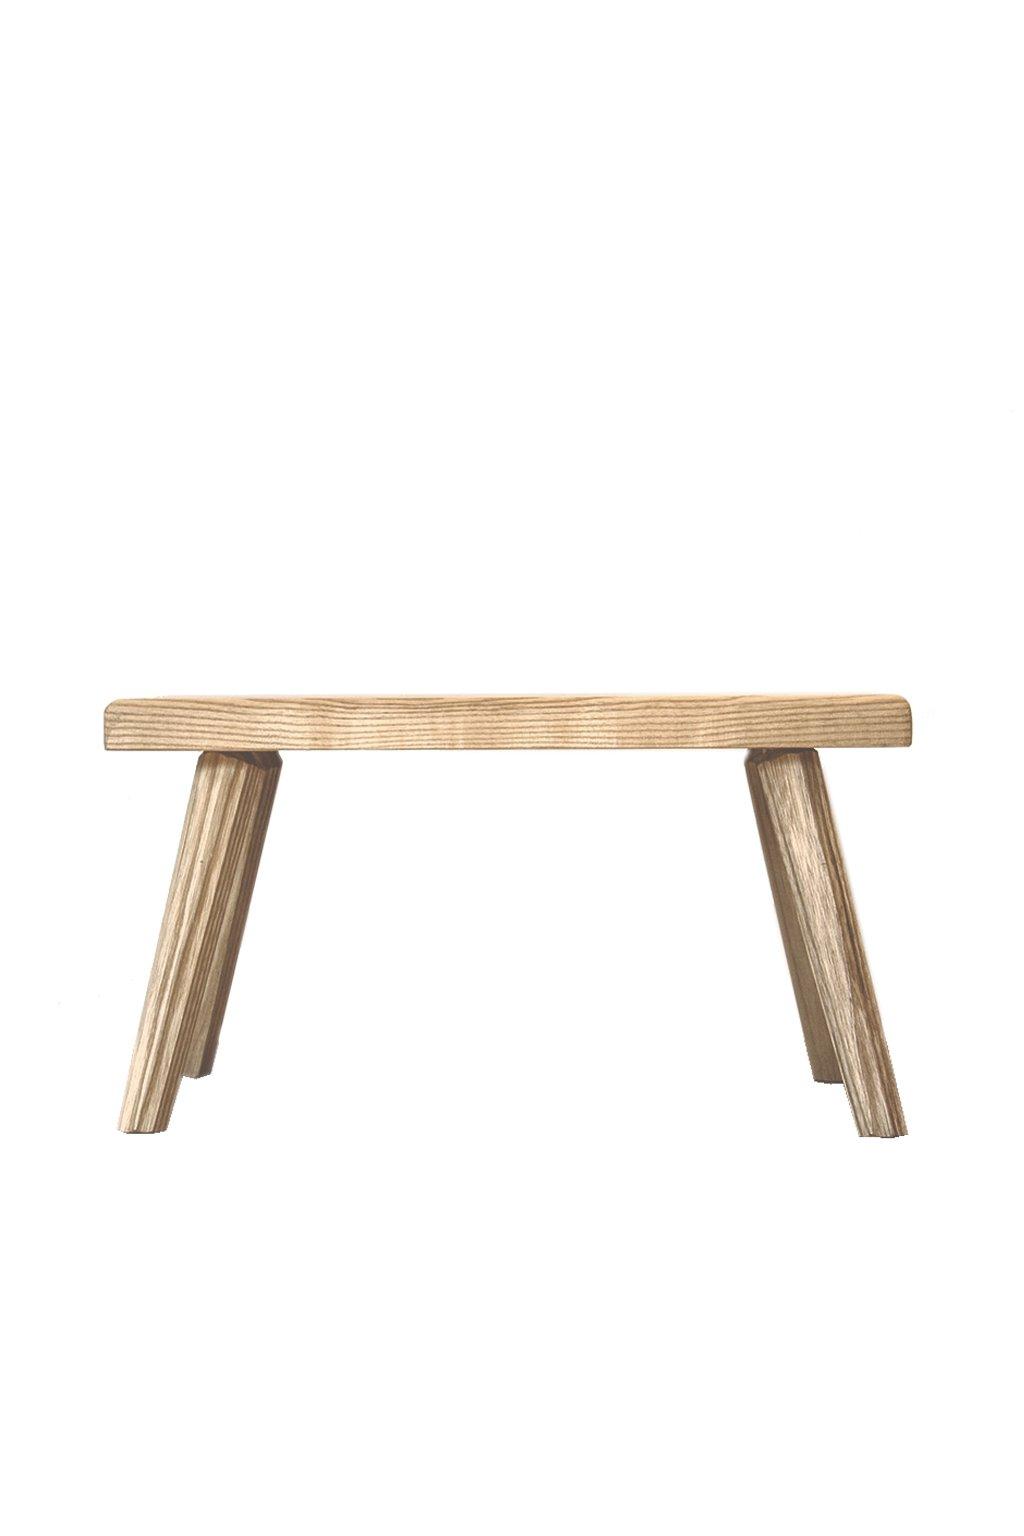 Dřevěná stolička LORE venkovský styl | JAA∞TY